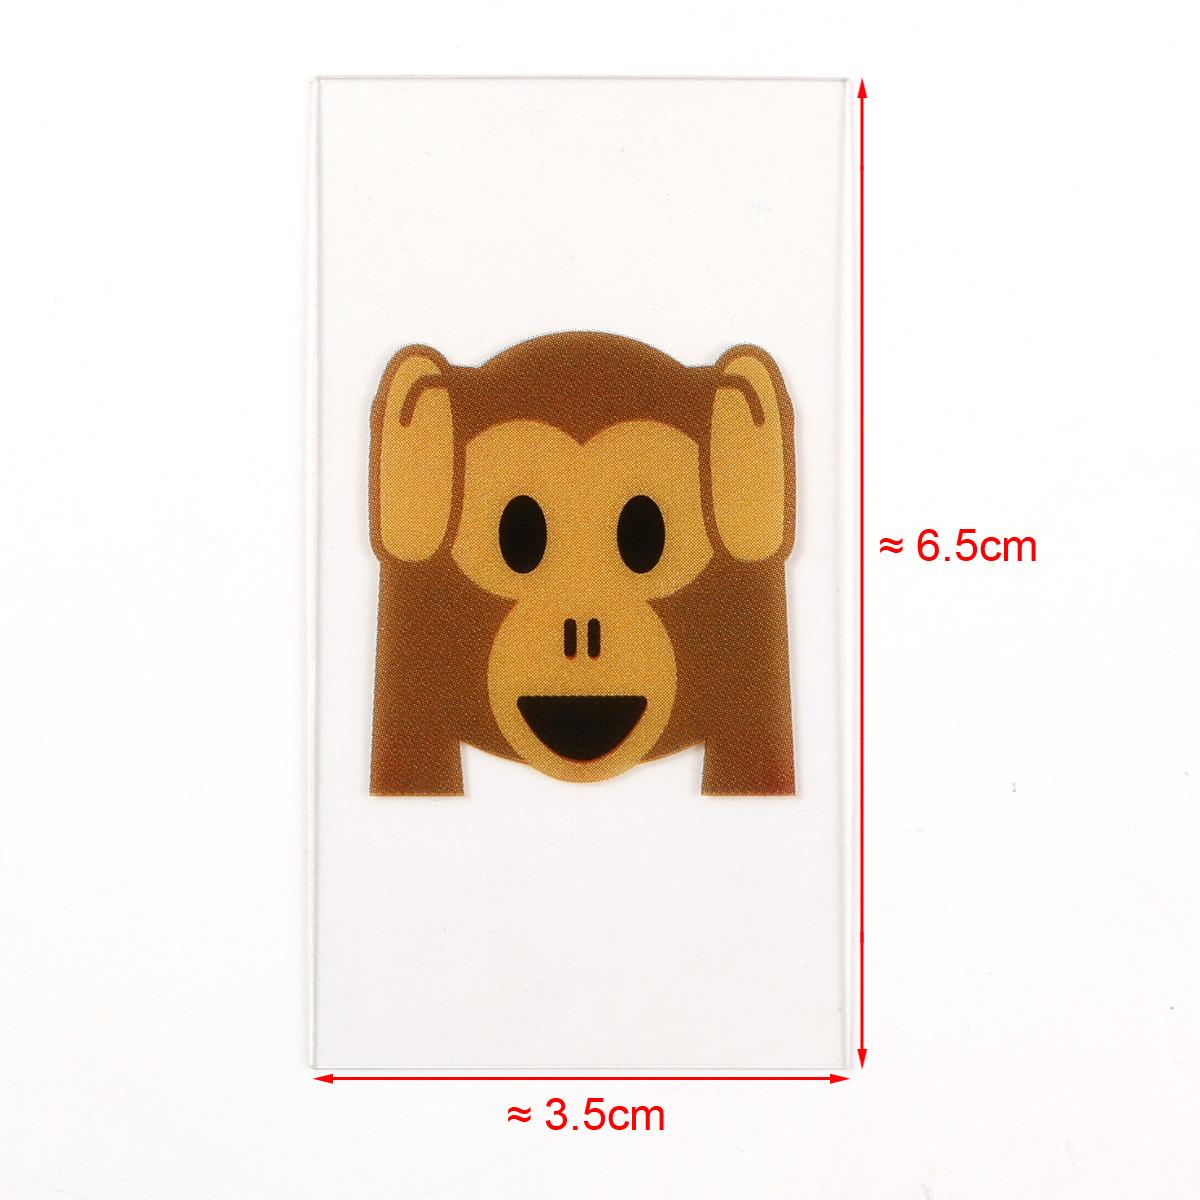 85er emoji zeichen karten f led leuchtkasten reklame for Leuchtkasten deko